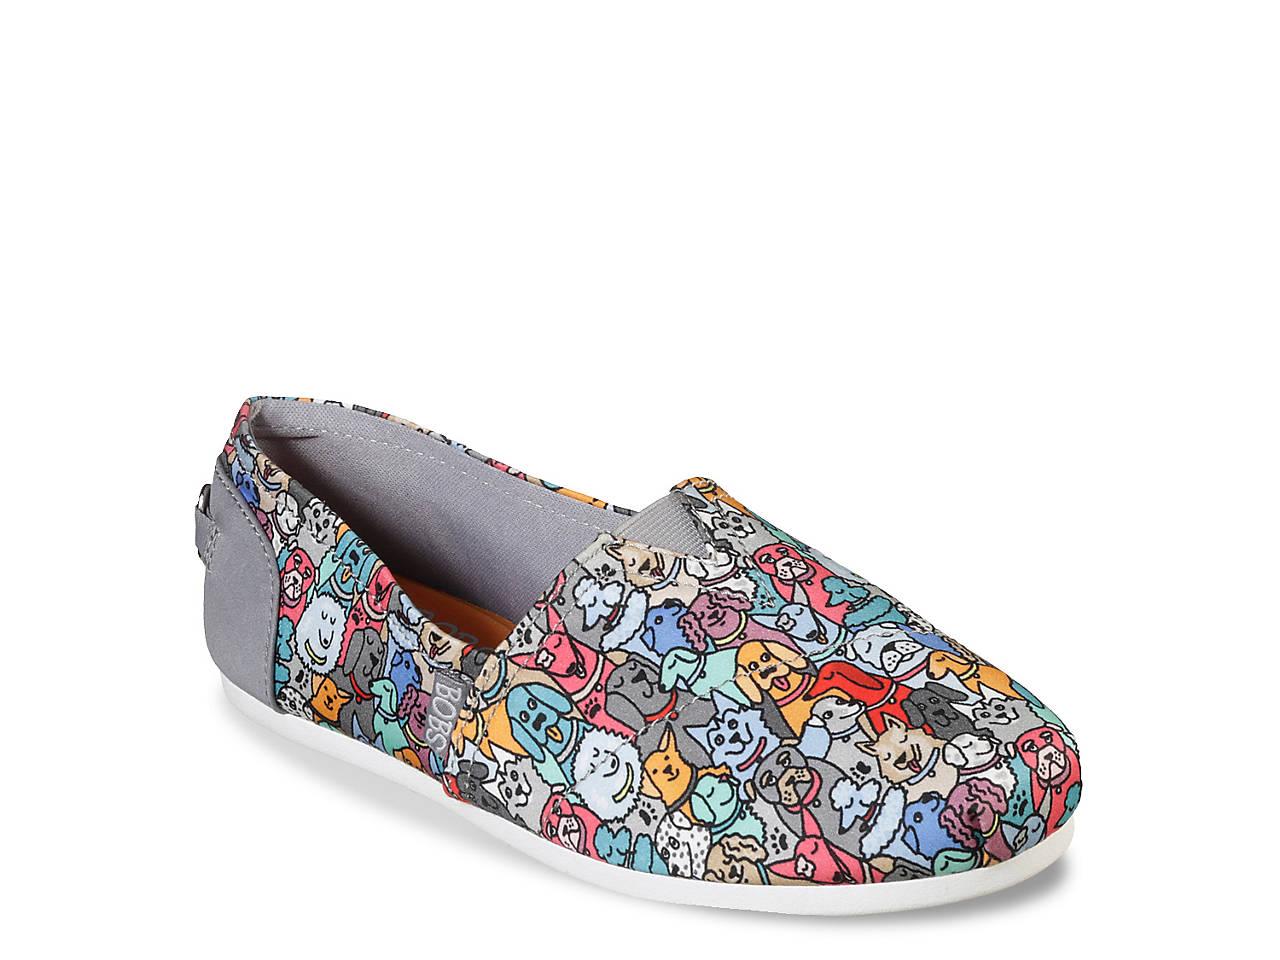 6783718de515 Skechers BOBS Plush Woof Party Slip-On Women's Shoes | DSW